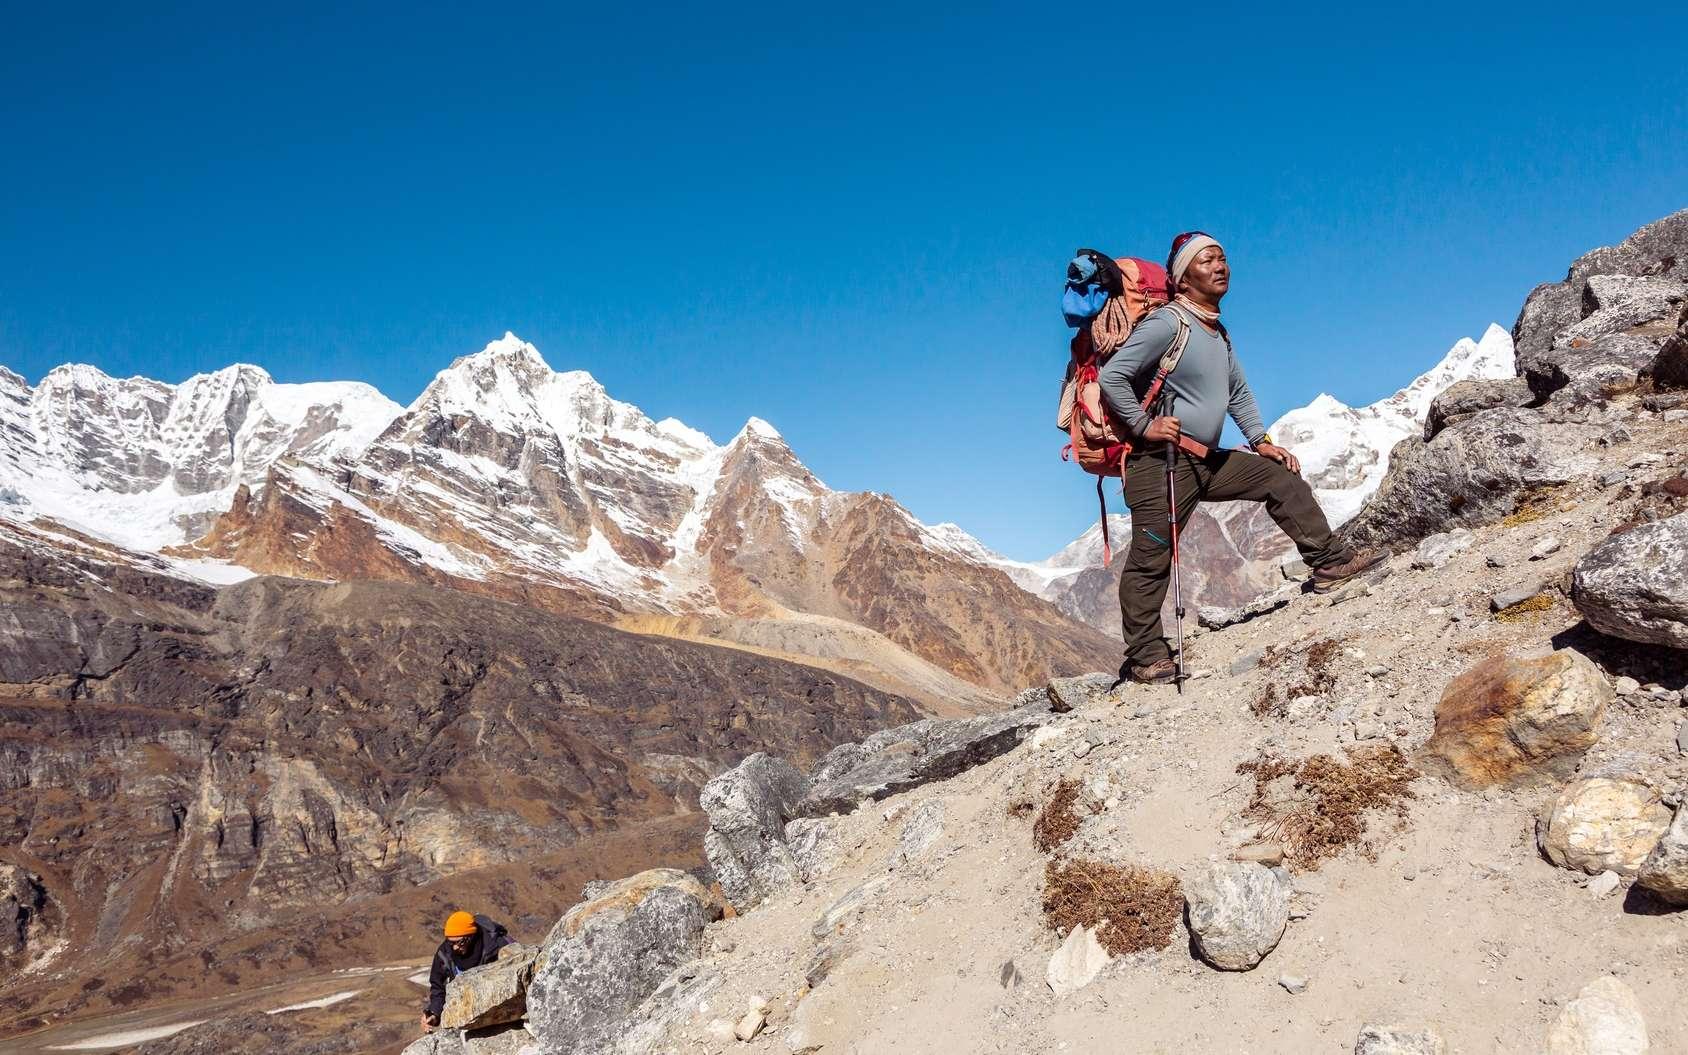 Comment la biologie explique-t-elle les performances des Sherpas ? © alexbrylovhk, Fotolia